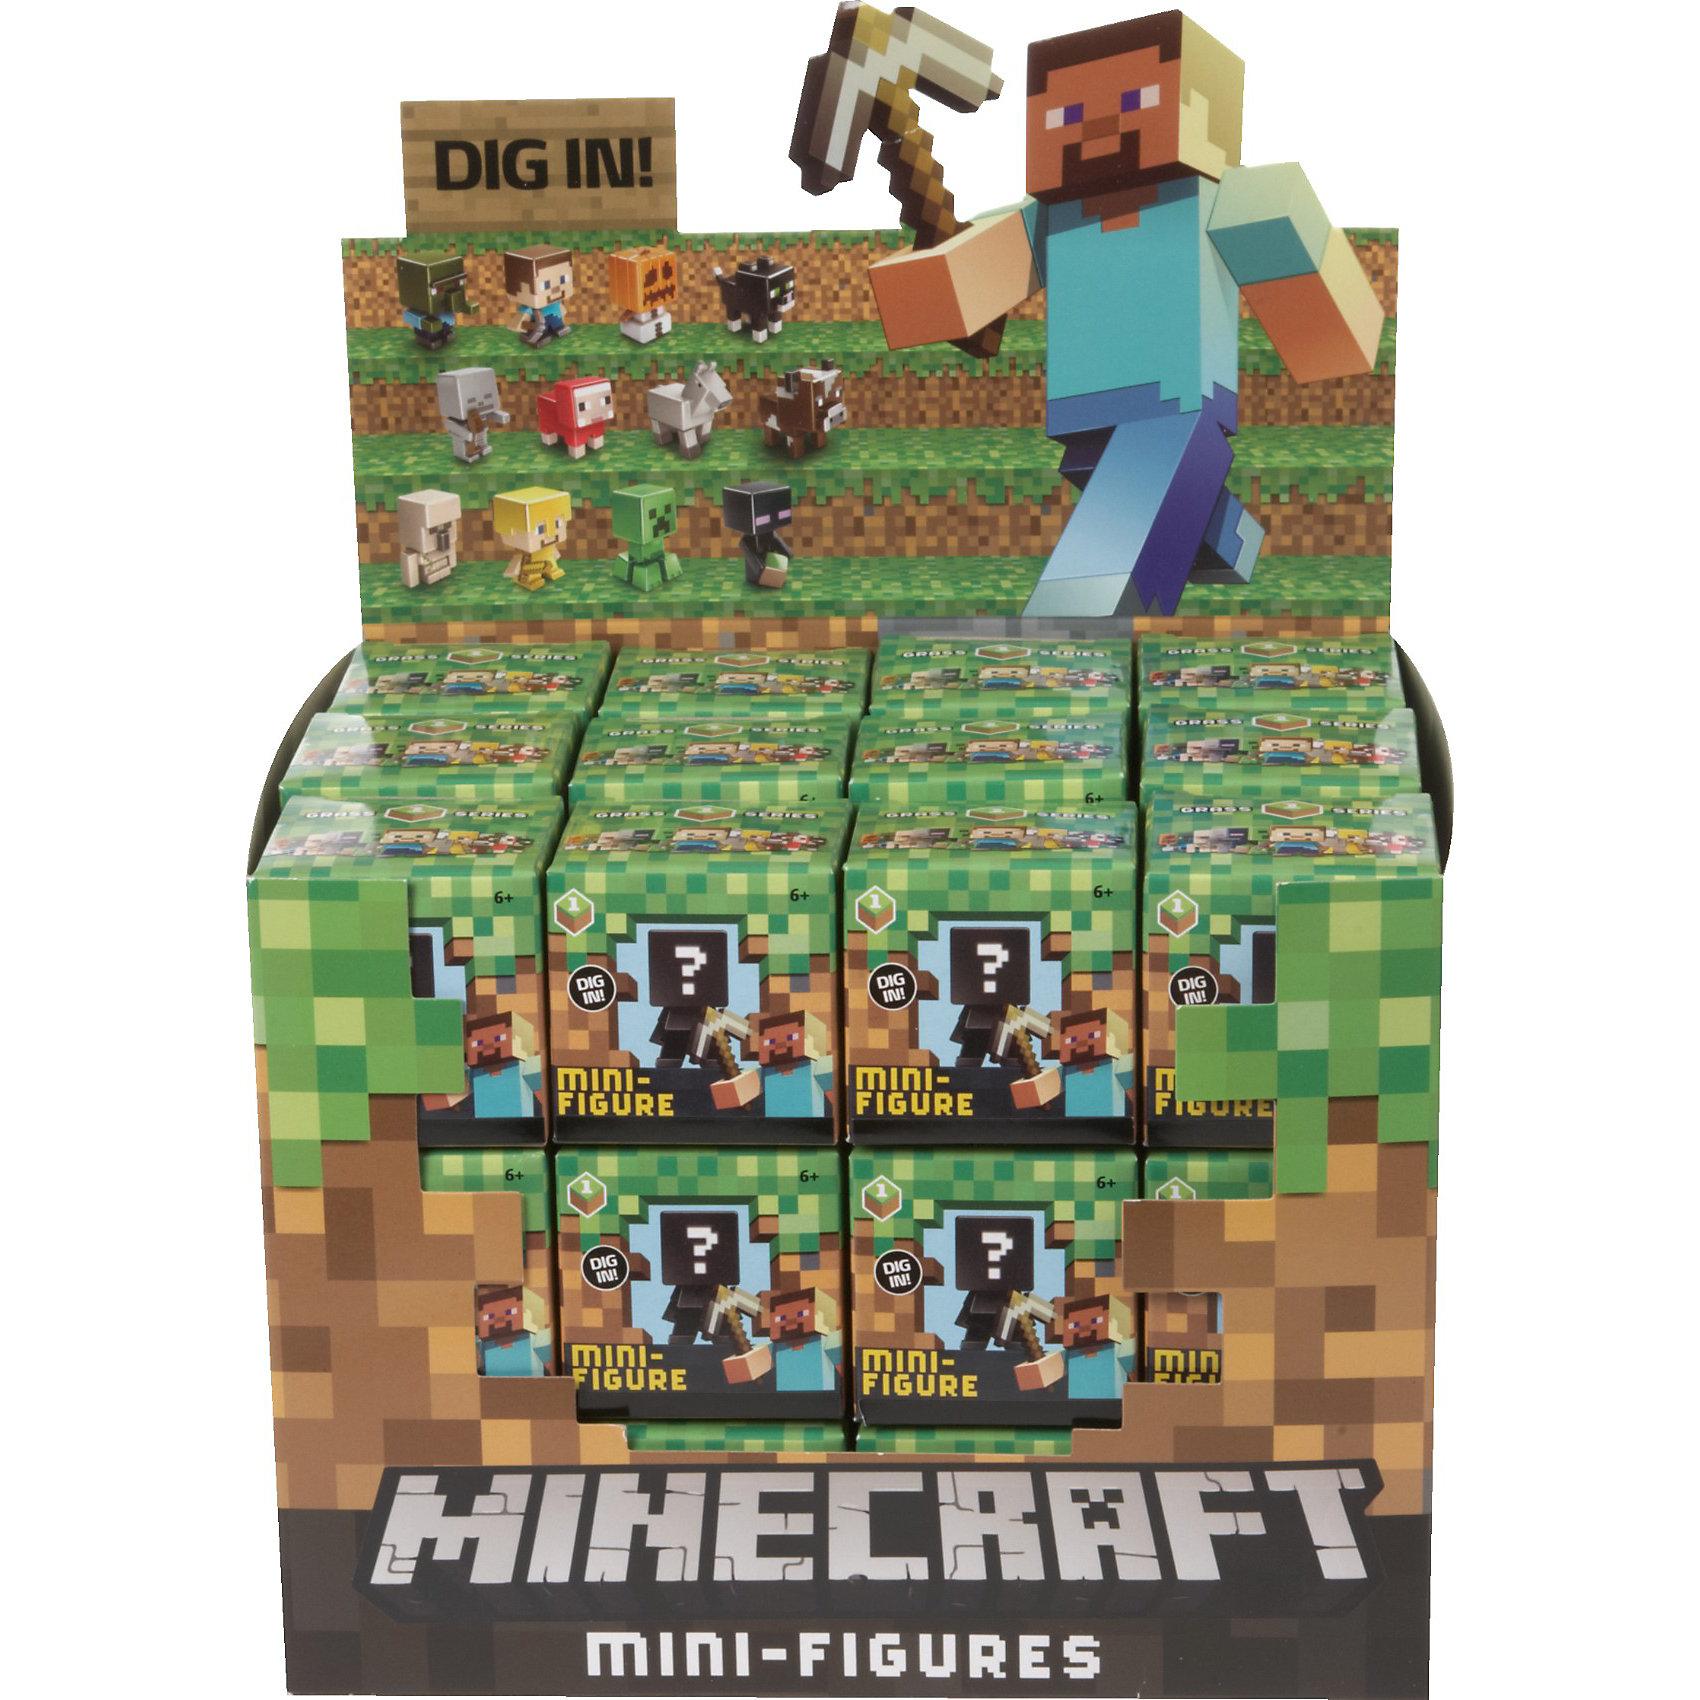 Фигурка  Minecraft, в ассортиментеЛюбимые герои<br>Все поклонники известной игры придут в восторг от такого набора. Игрушки прекрасно детализированы, очень похожи на персонажей Майнкрафт. Сделанные в 8-битном стиле, как и игра, эти фигурки позволят вашим детям играть с их любимыми персонажами где угодно!  Какая именно фигурка тебе попадется - сюрприз. Ты узнаешь от этом открыв коробку. Собери все фигурки и преврати игру в реальность!<br><br>Дополнительная информация:<br><br>- Материал: пластик.<br>- Конечности, голова фигурок подвижные.<br>- Размер упаковки: 5х5х5 см. <br>- Фигурка в ассортименте.<br>ВНИМАНИЕ! Данный артикул представлен в разных вариантах исполнения. К сожалению, заранее выбрать определенный вариант невозможно. При заказе нескольких фигурок возможно получение одинаковых.<br><br>Фигурка  Minecraft (Майнкрафт), в ассортименте, можно купить в нашем магазине.<br><br>Ширина мм: 53<br>Глубина мм: 55<br>Высота мм: 53<br>Вес г: 14<br>Возраст от месяцев: 36<br>Возраст до месяцев: 96<br>Пол: Мужской<br>Возраст: Детский<br>SKU: 3792883